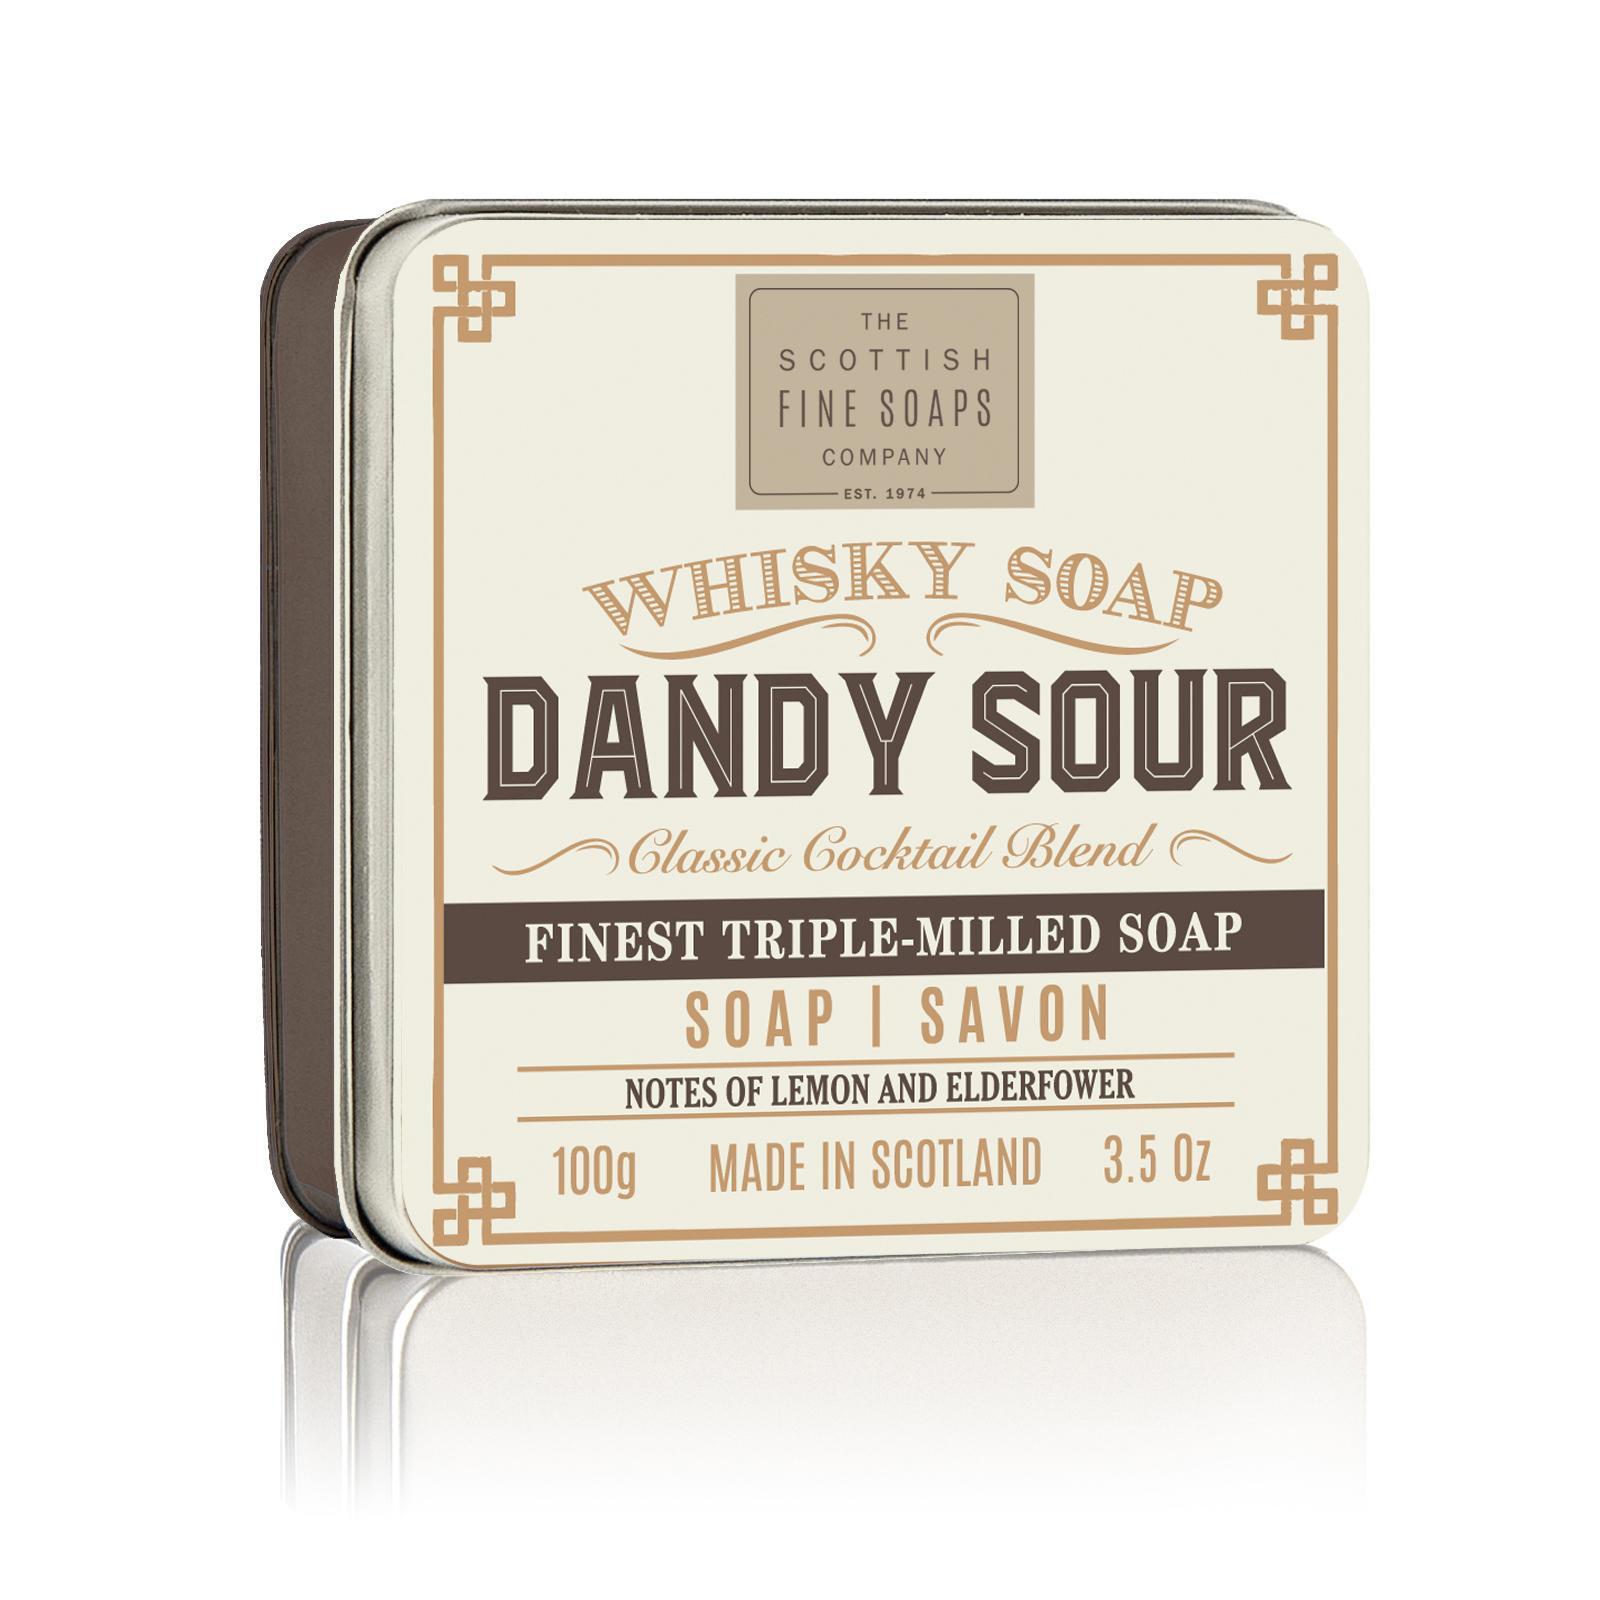 SCOTTISH FINE SOAPS Mýdlo v plechové krabičce Dandy Sour Cocktail, béžová barva, hnědá barva, kov